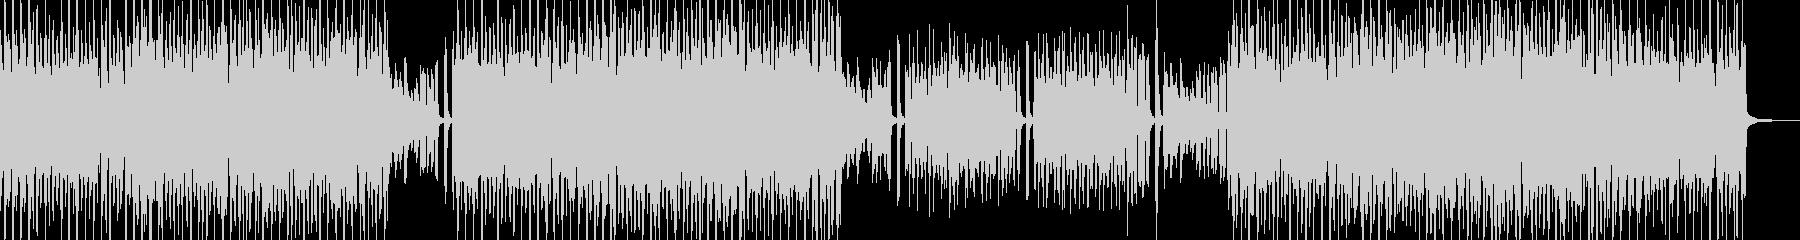 ゆるくまったり映像に・スィングポップ Gの未再生の波形